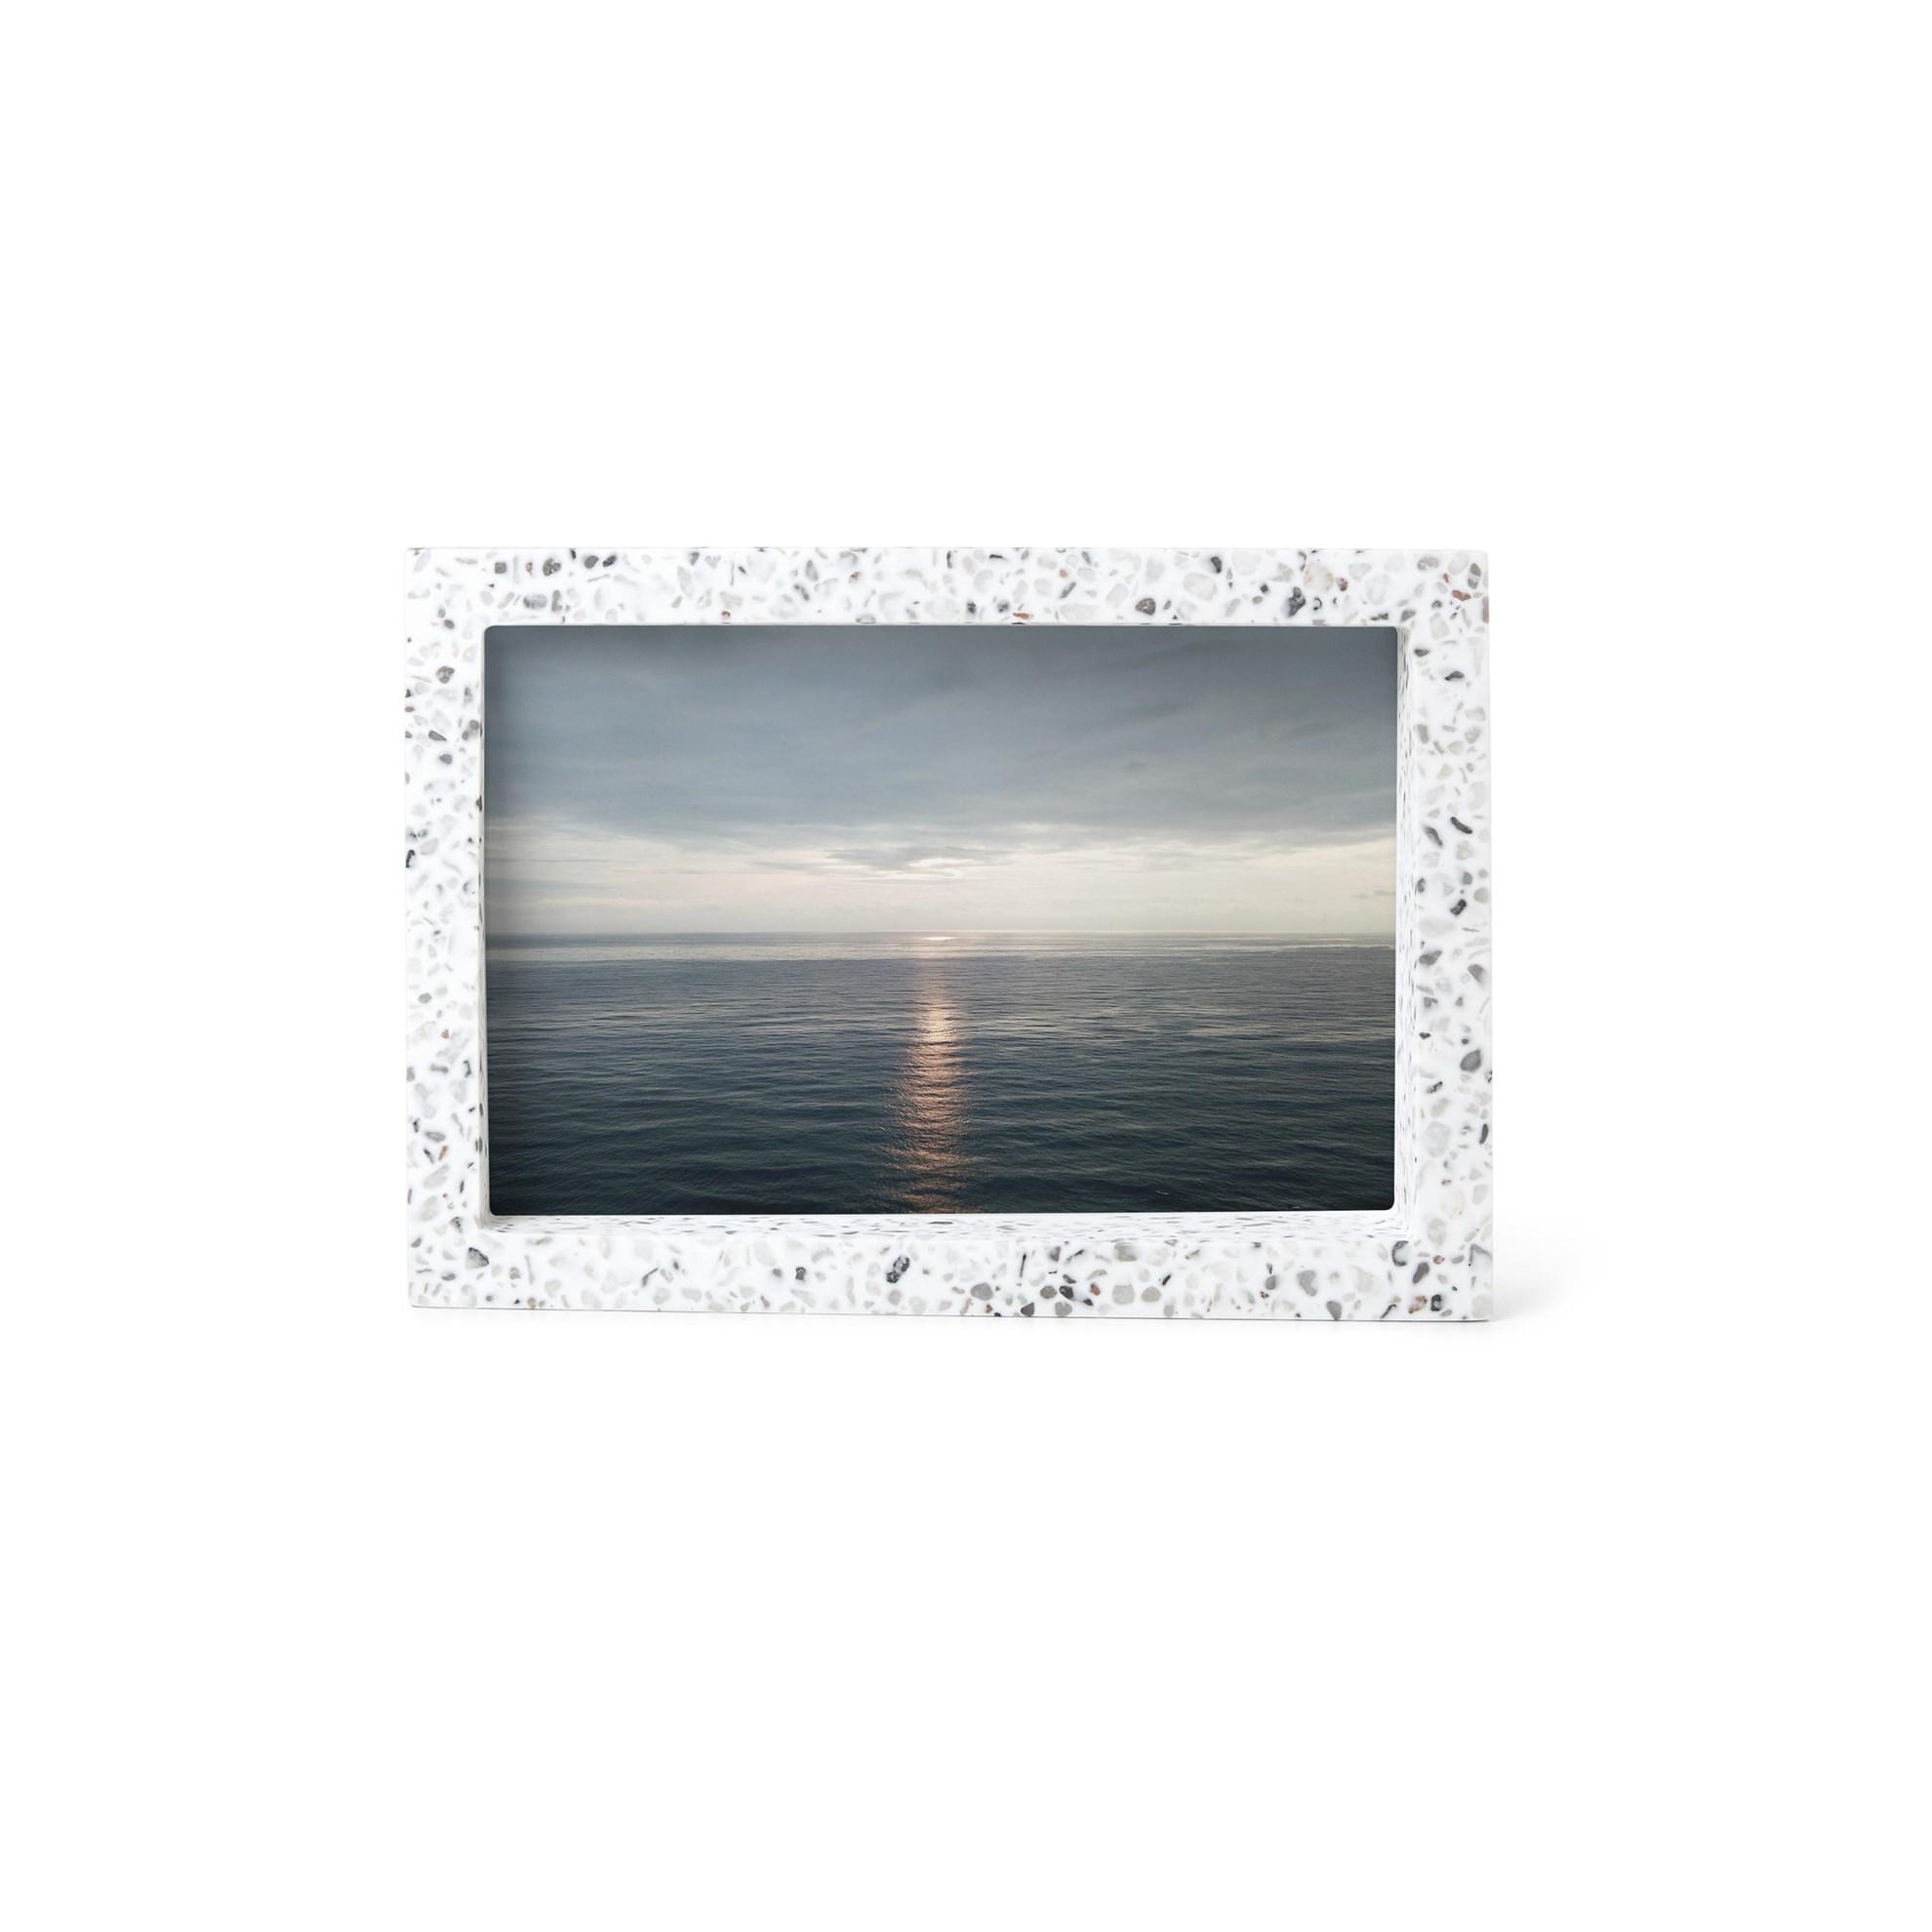 Fotorámeček EDGE 10x15 cm terrazzo_1